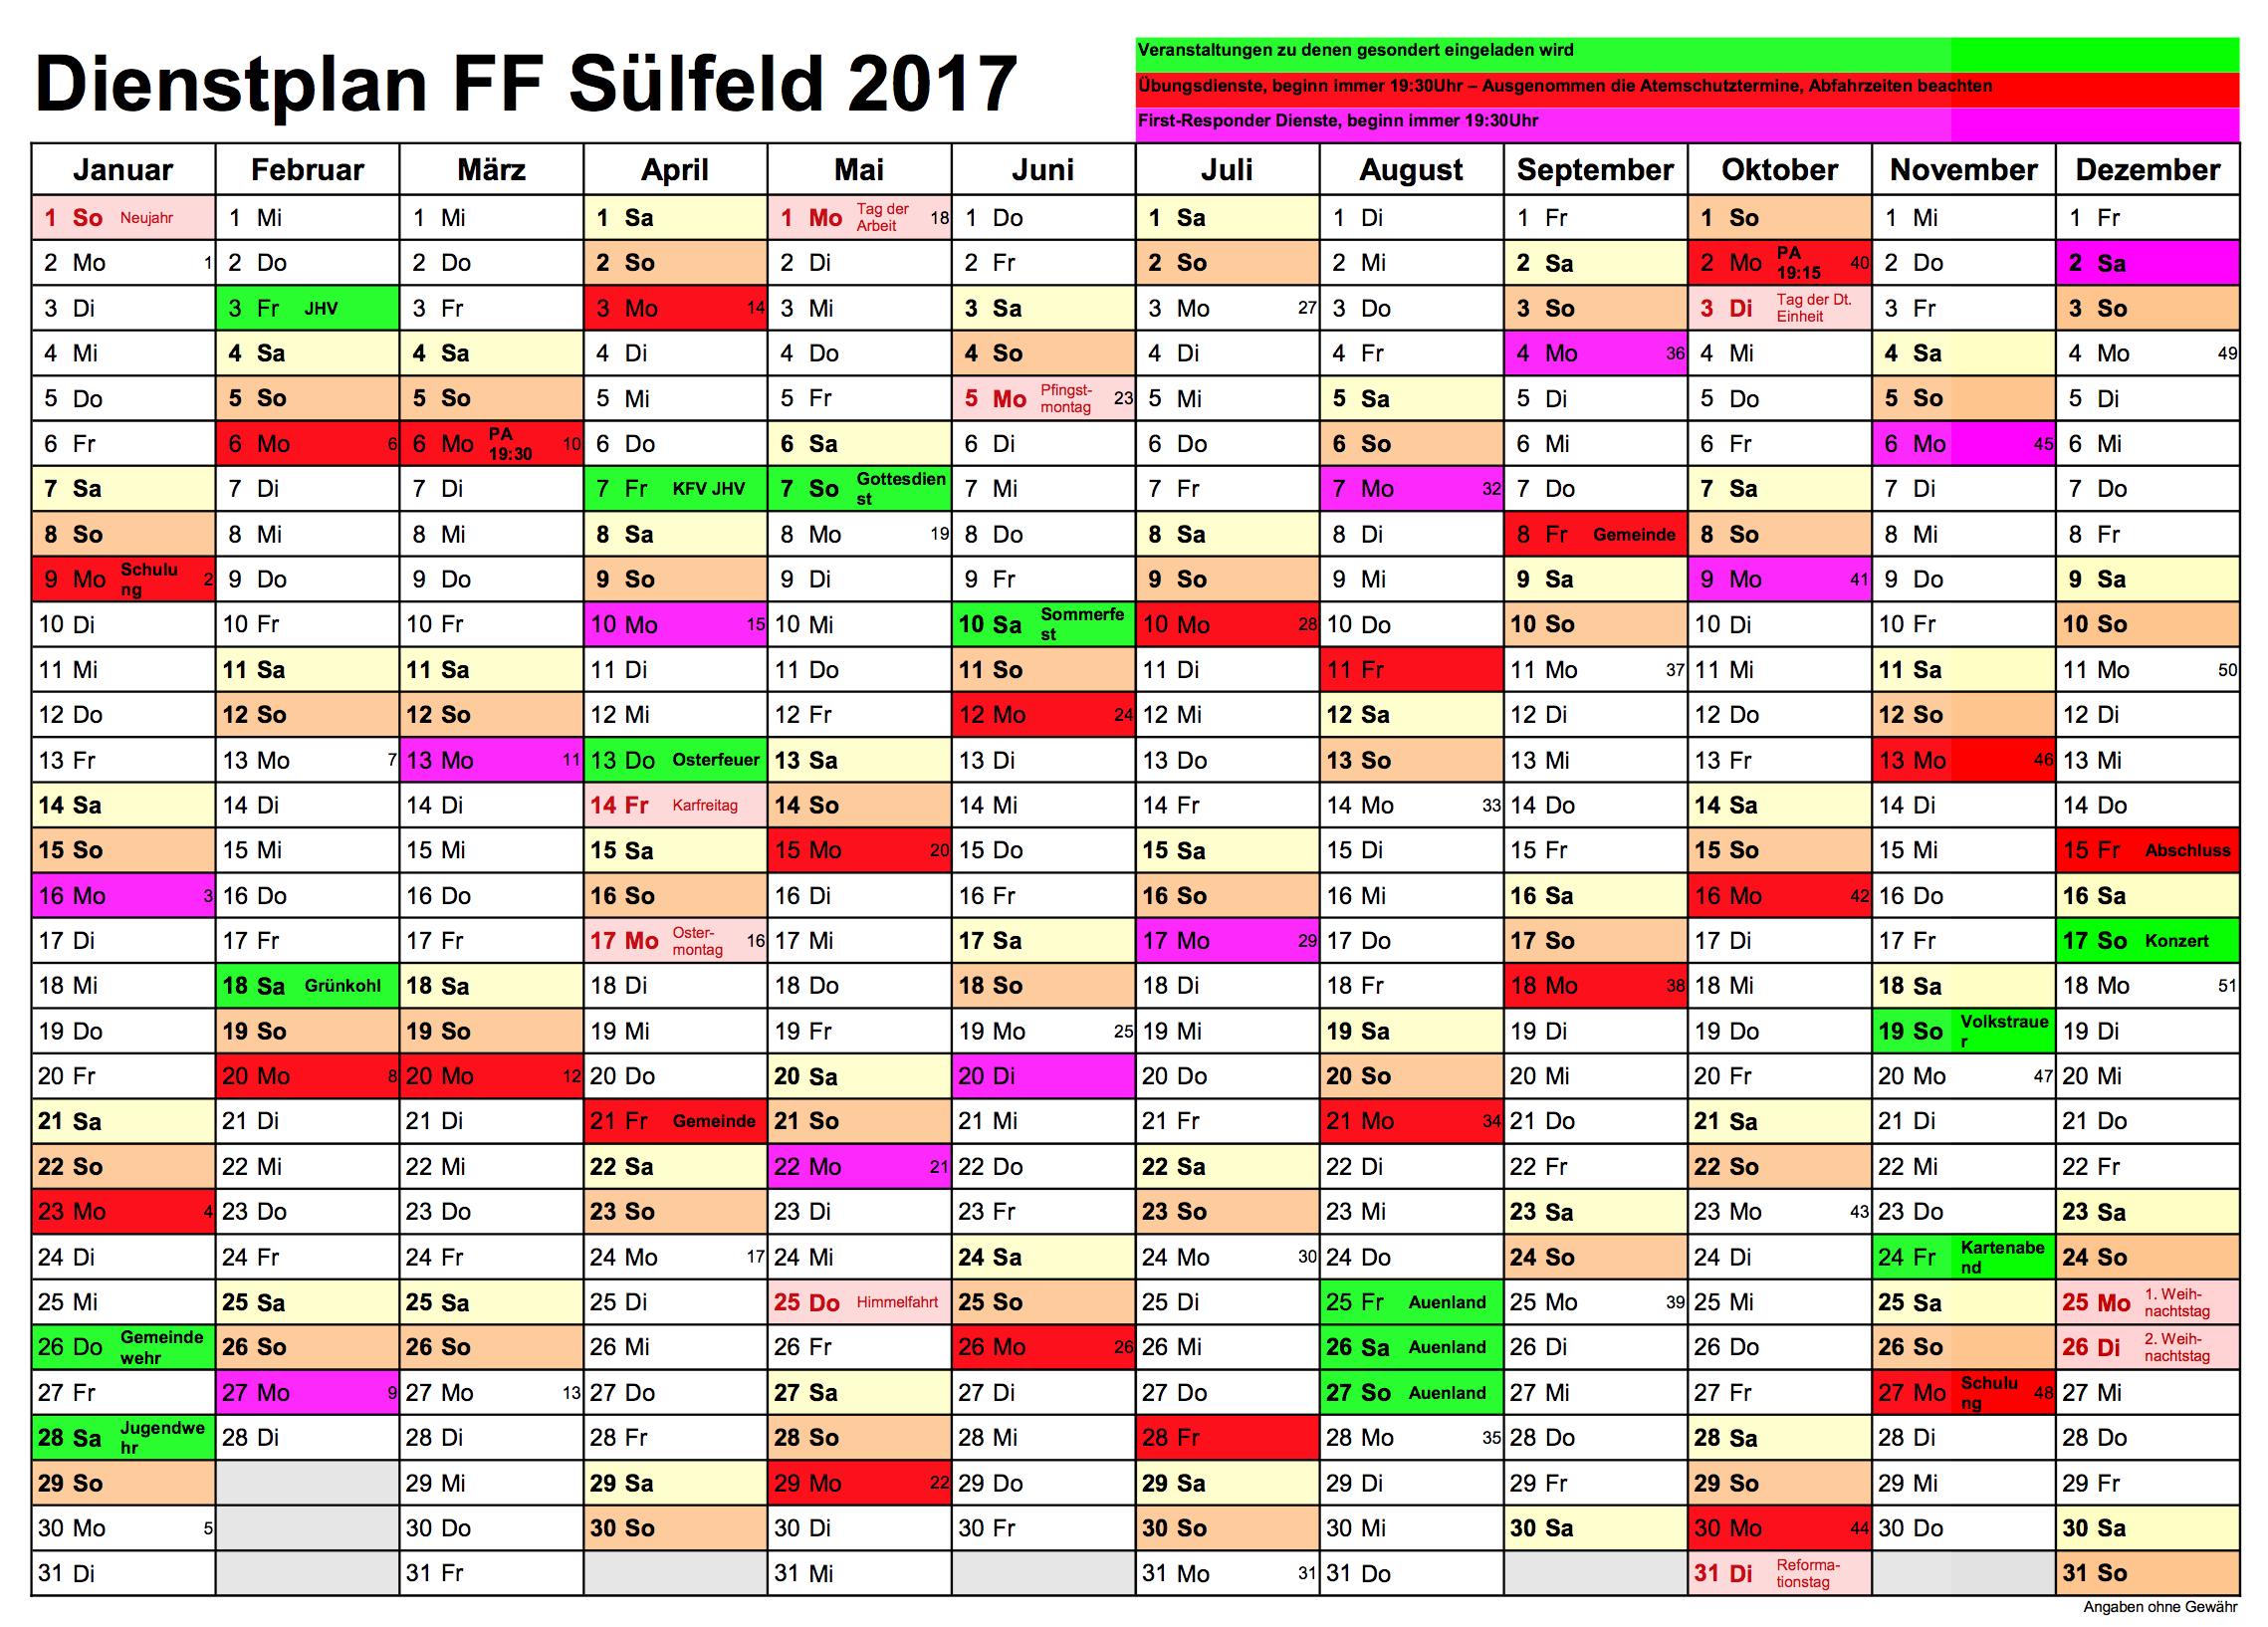 Dienstplan 2017